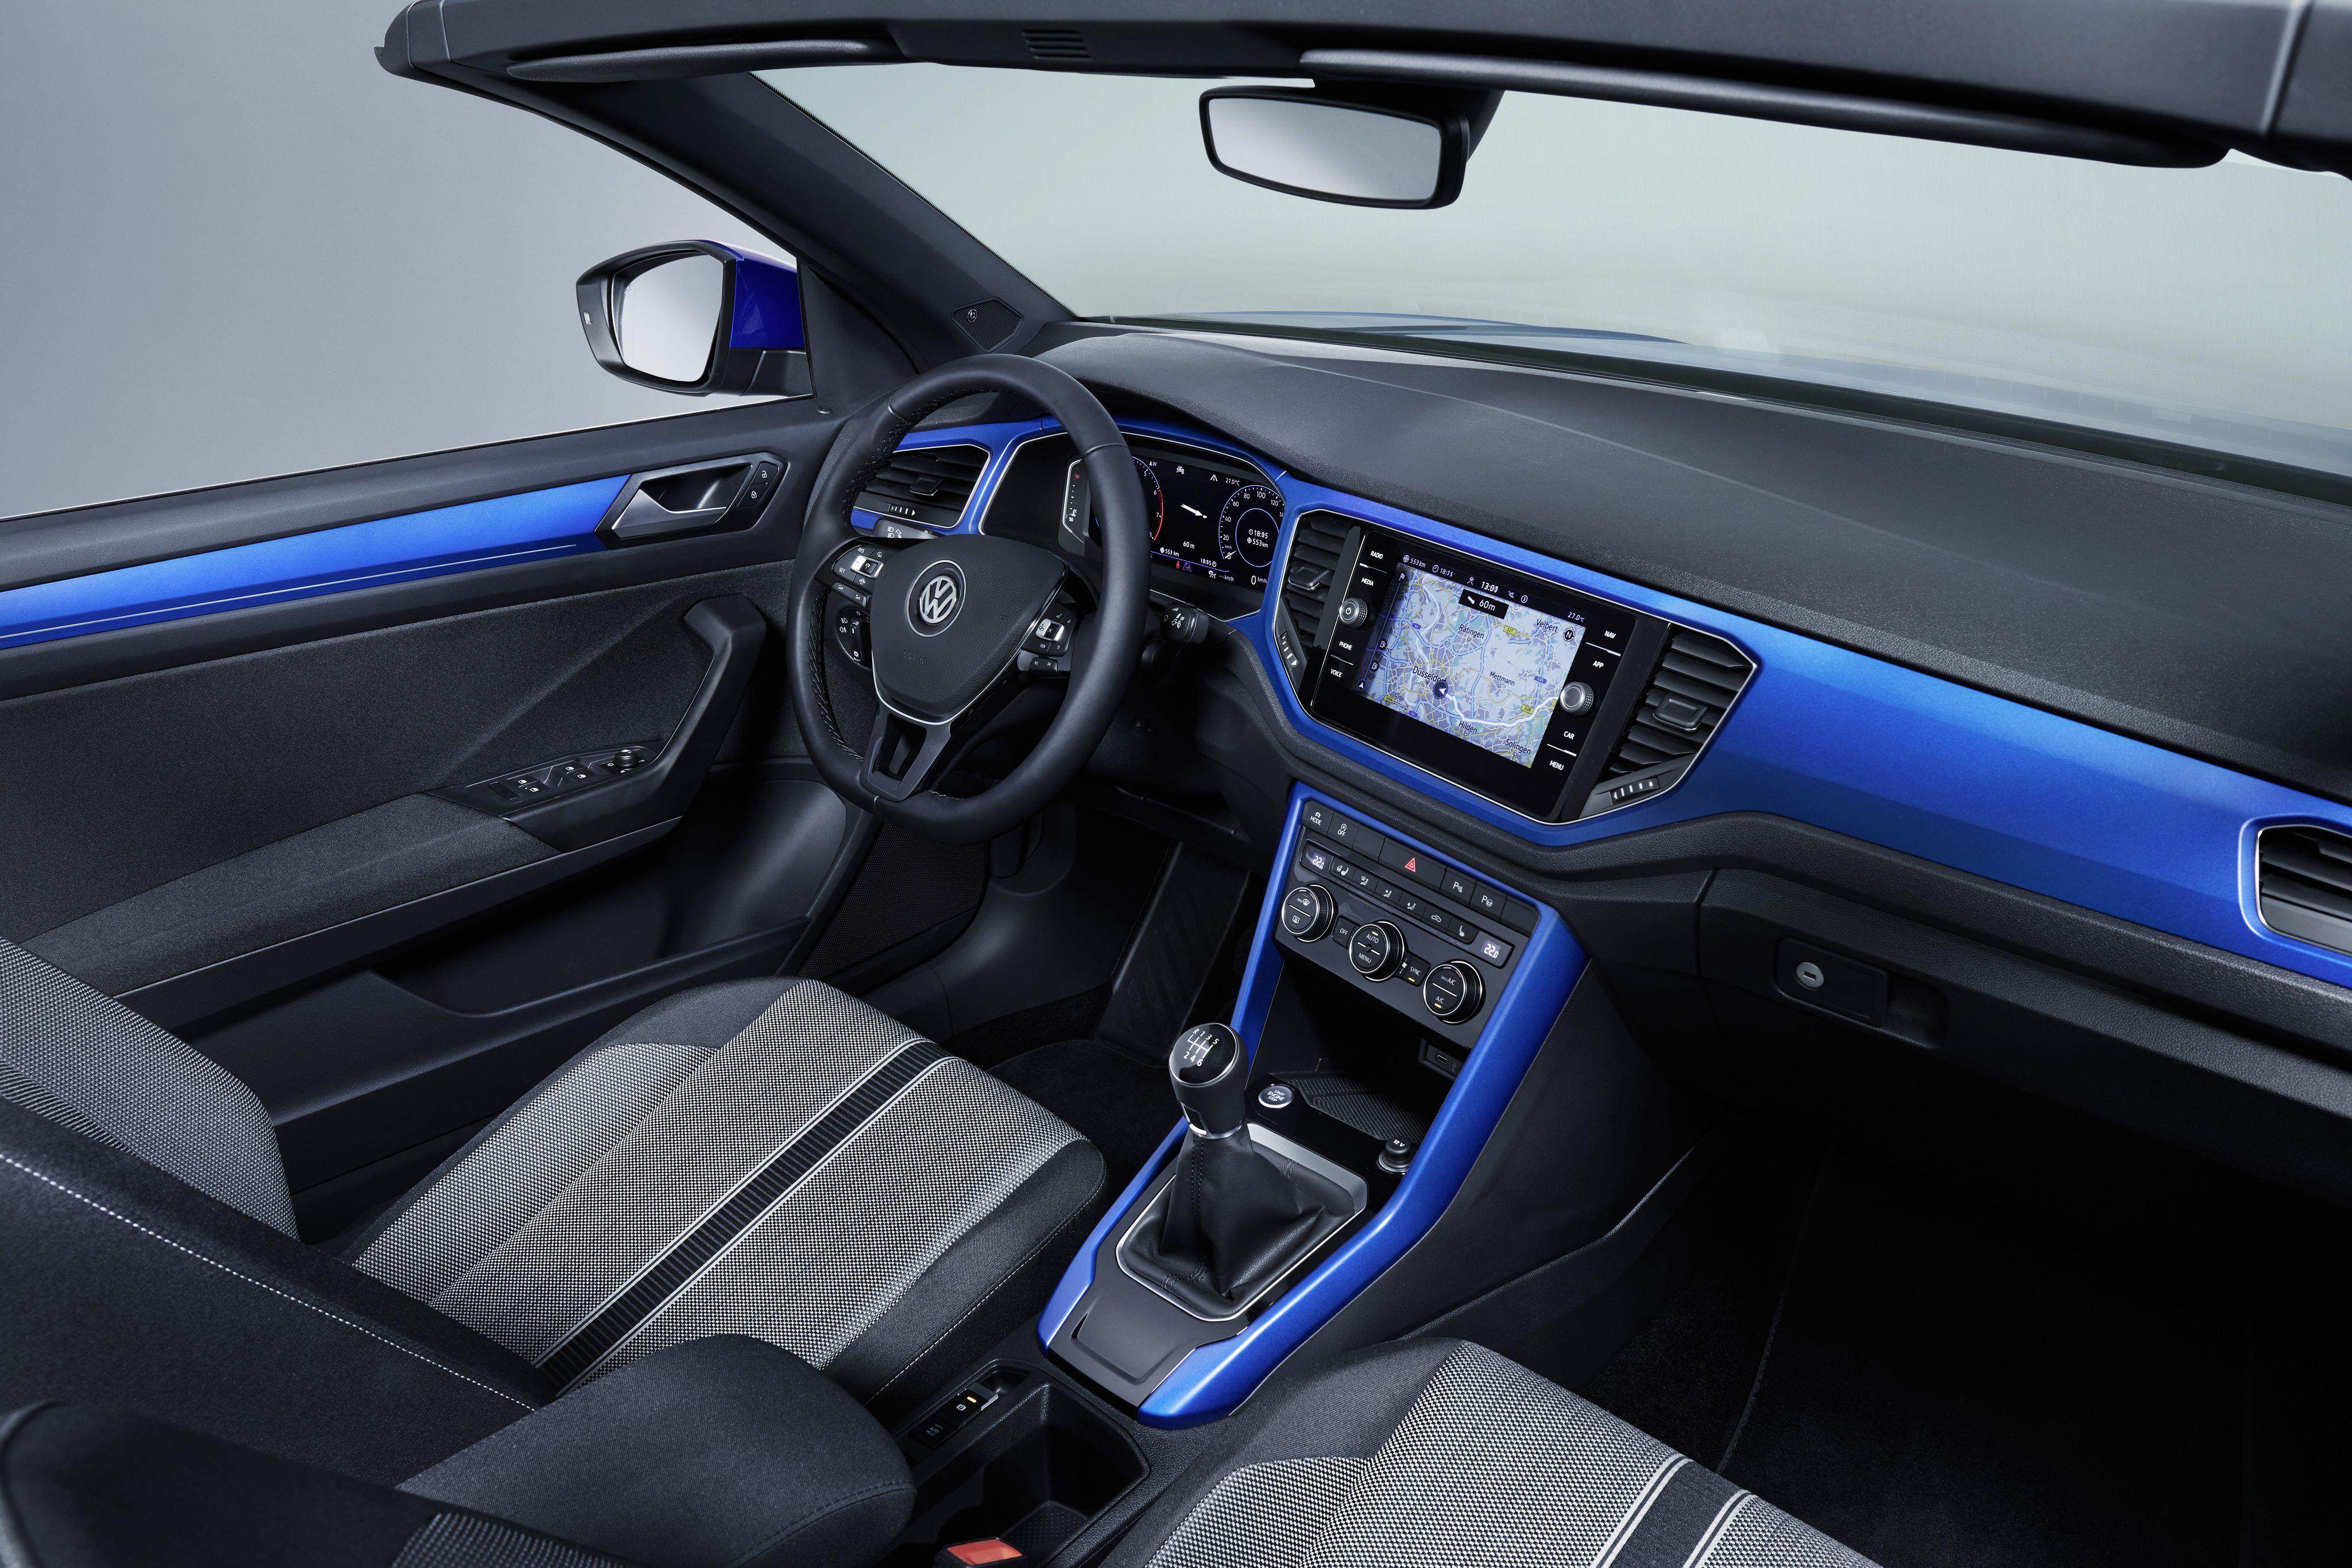 Interior of the T-Roc Cabriolet